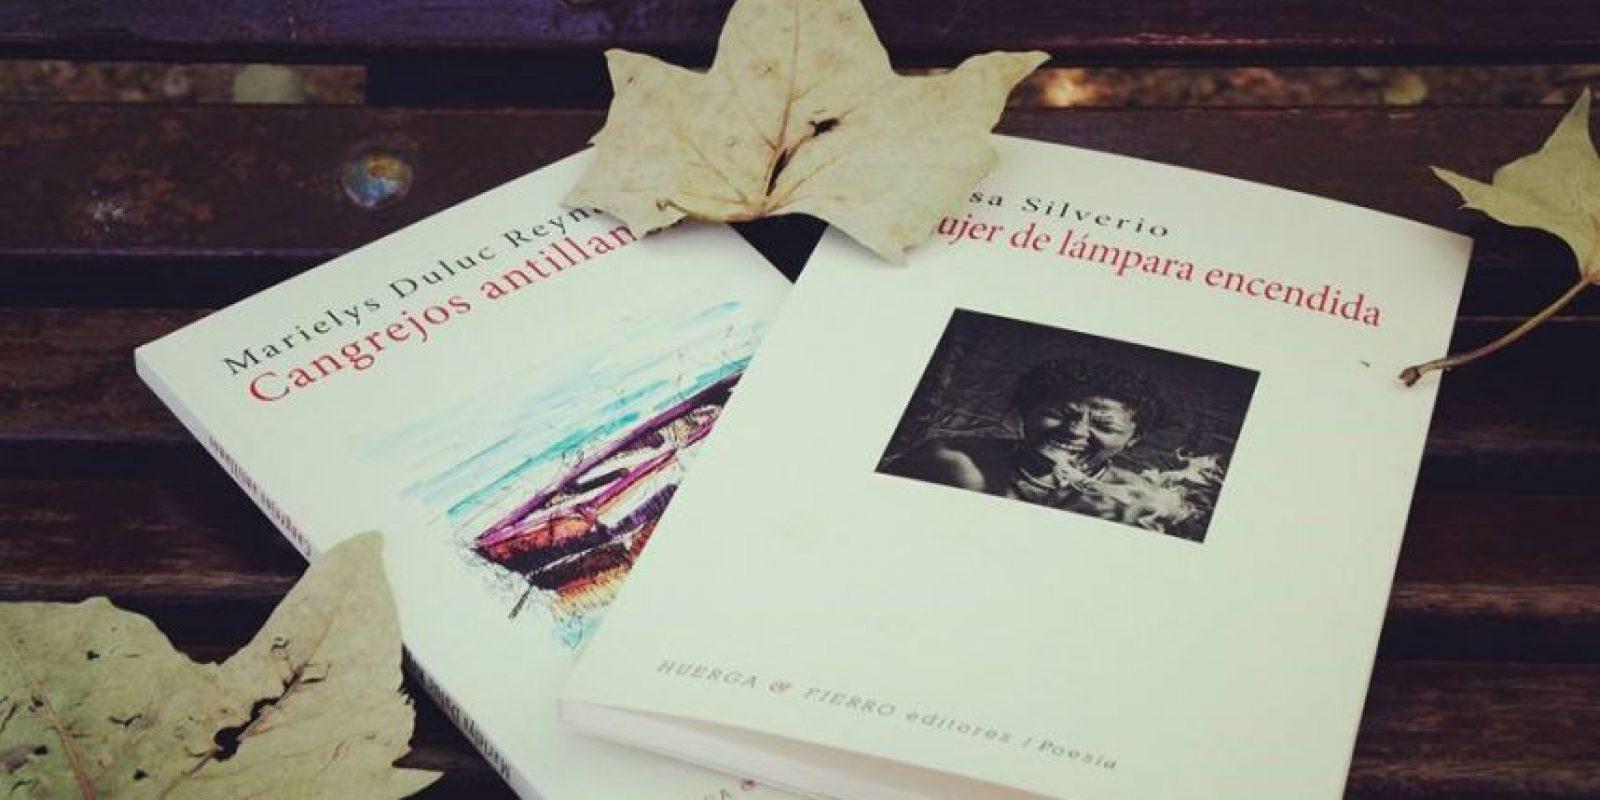 Portadas de los libros Cangrejos Antillanos y Mujer de lámpara encendida. Foto:Fuente externa